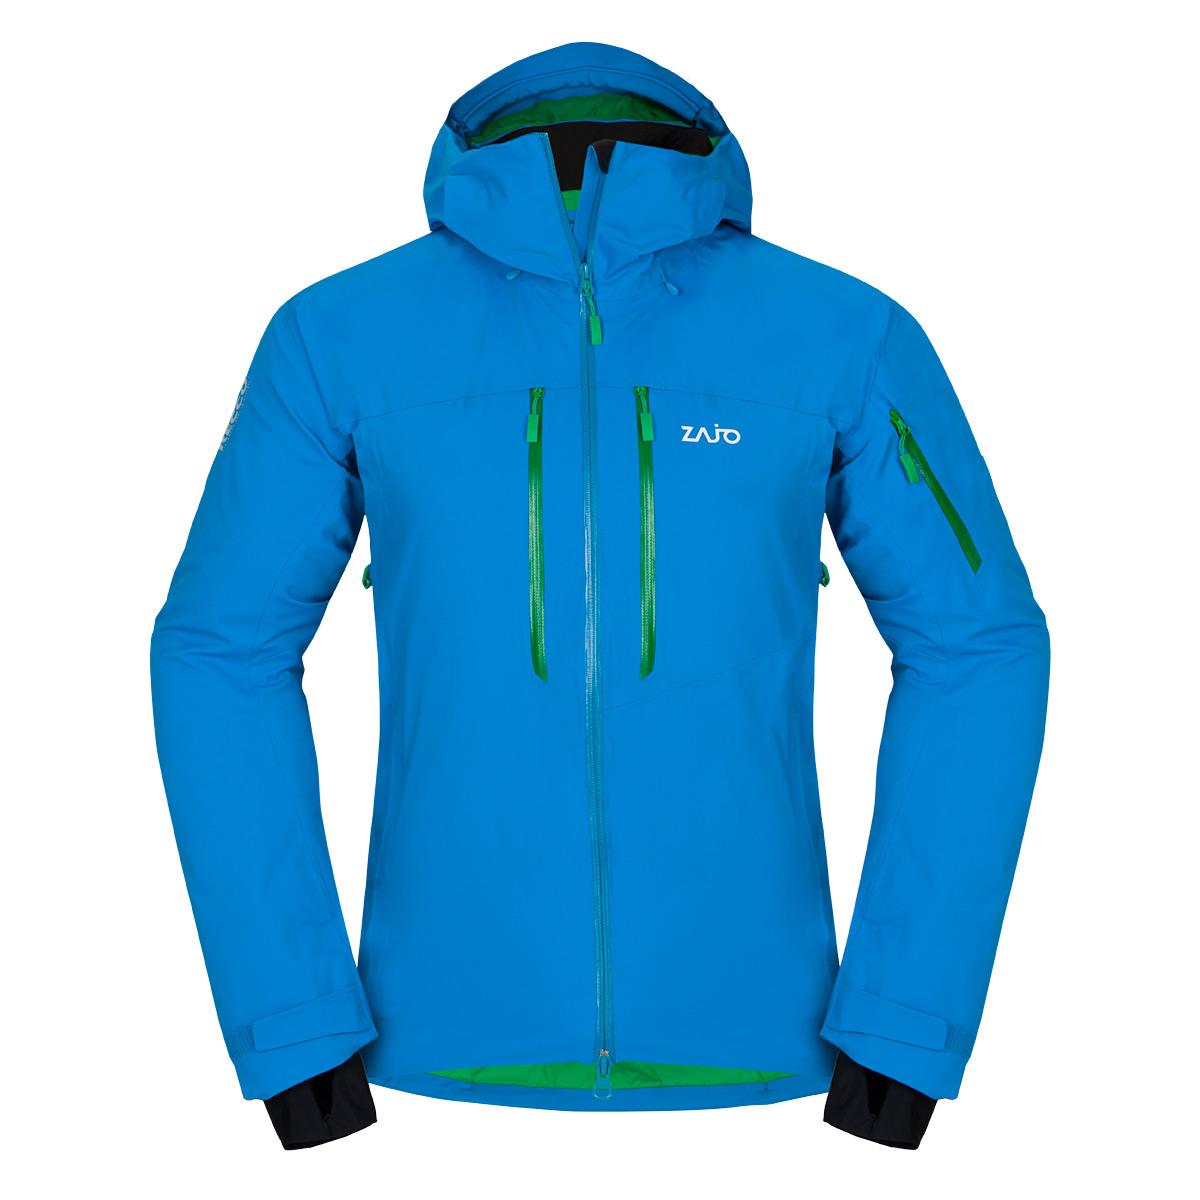 Pánska bunda Zajo Nuuk Neo JKT Blue Jewel - veľkosť L